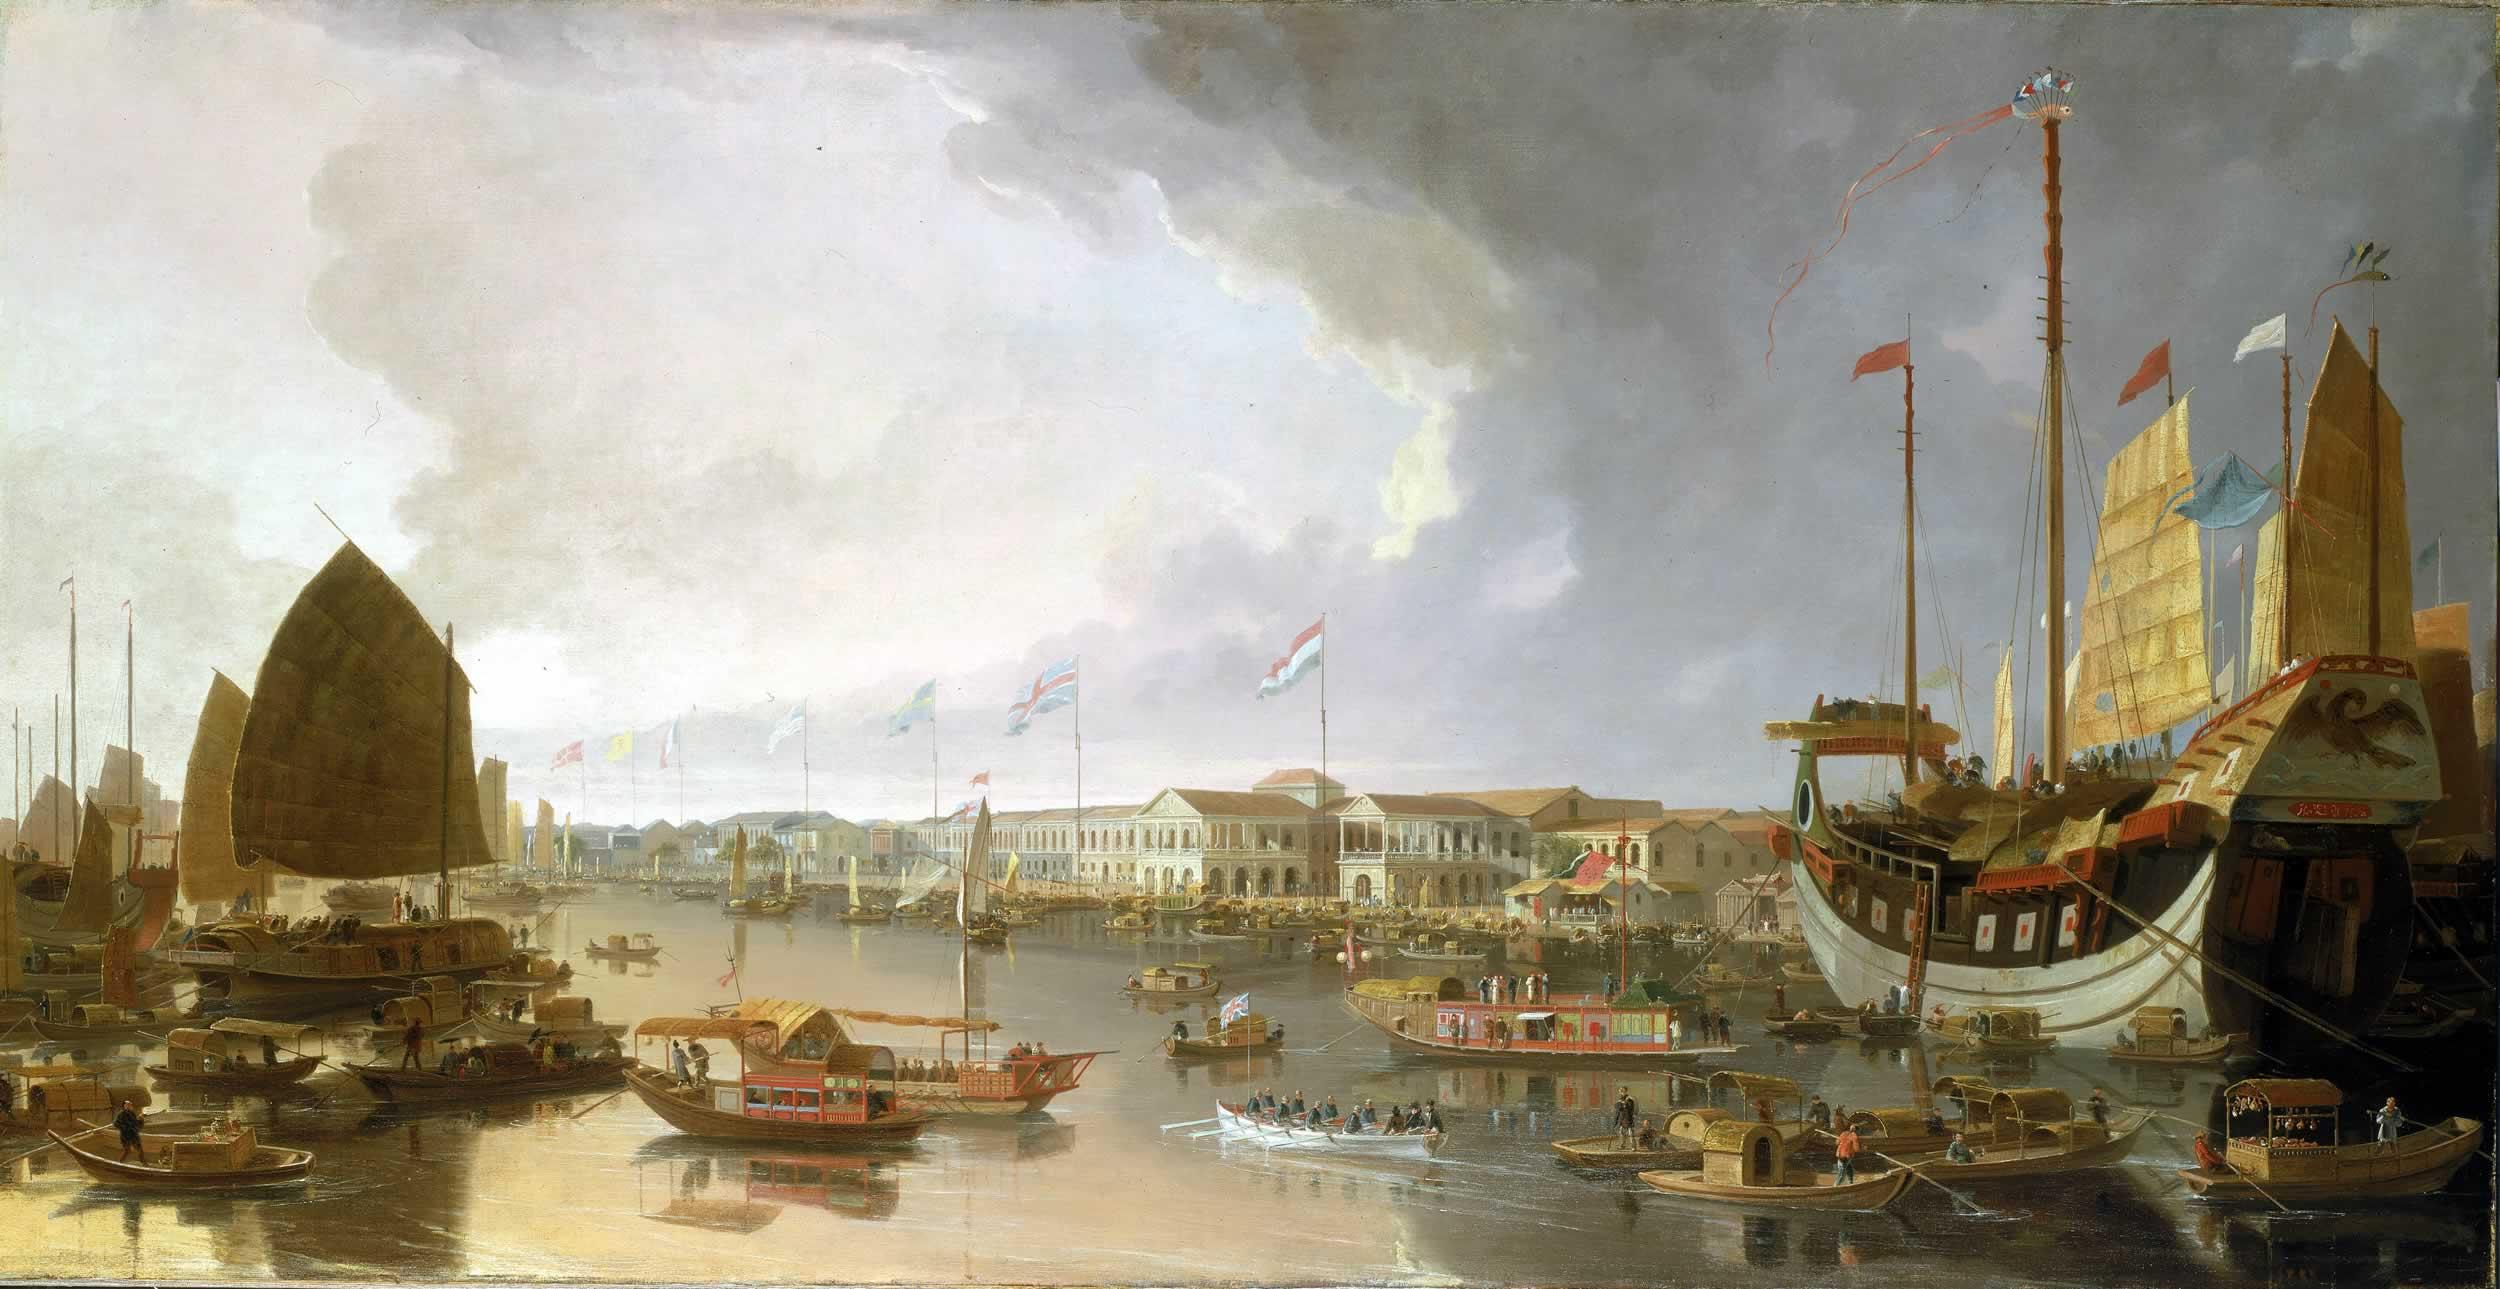 رسم تخيلي لميناء كانتون خلال القرن التاسع عشر